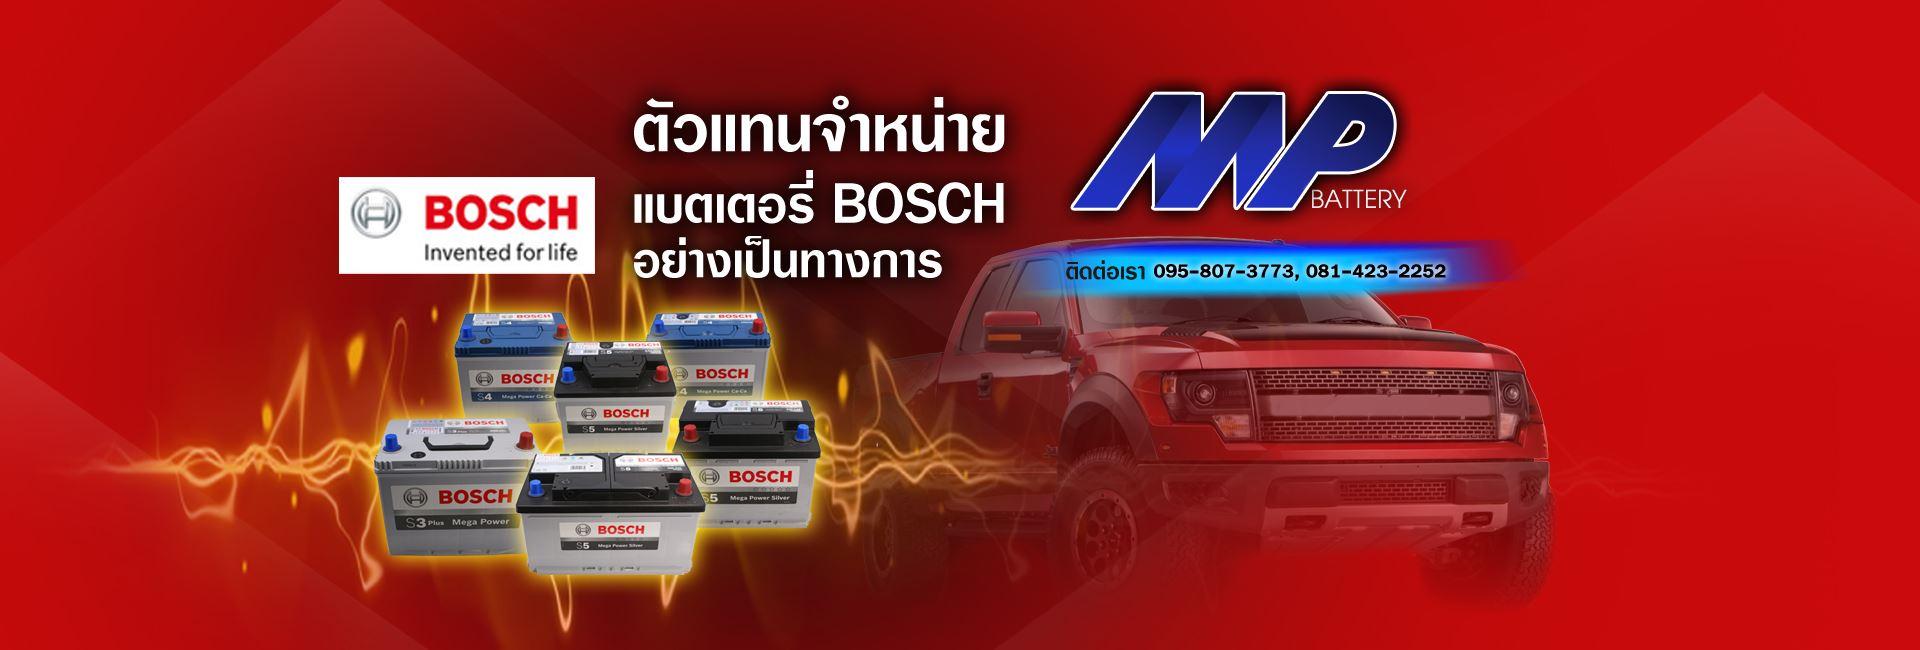 ราคาแบตเตอรี่ Bosch